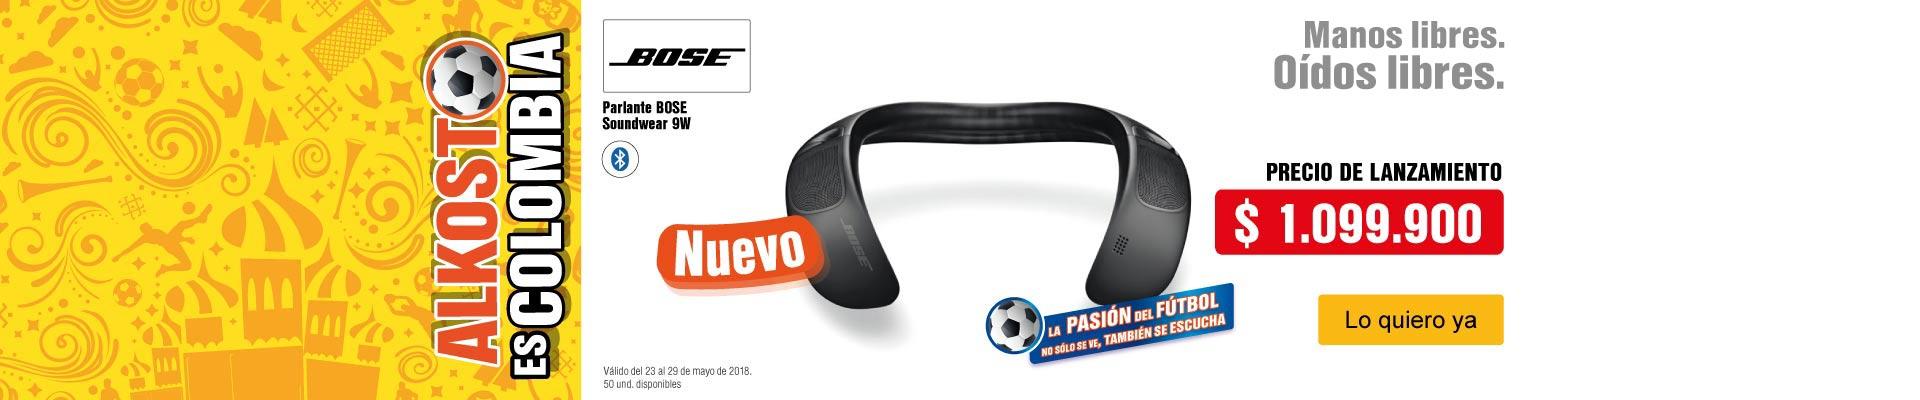 AK-PPAL-4-audio-PP---Bose- Soundwear 9W-May23